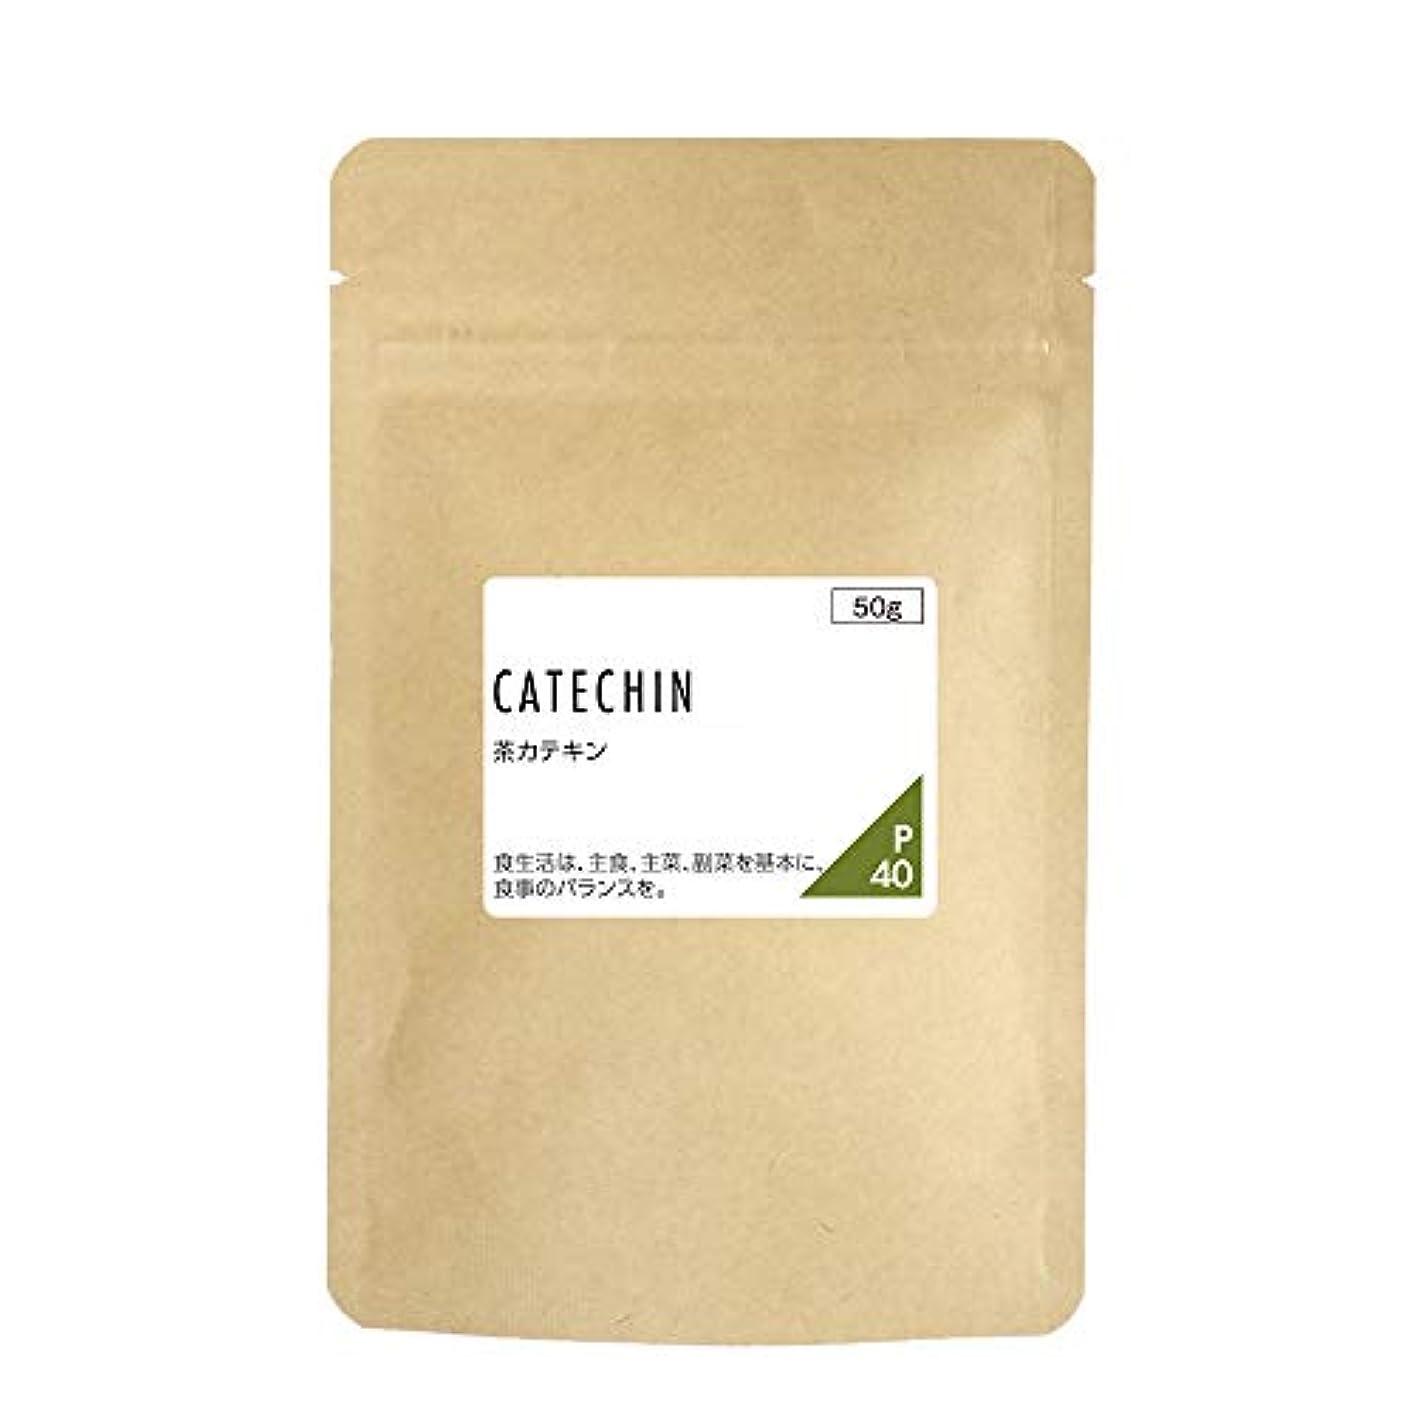 遠い適切に有毒nichie 茶カテキン 100% 粉末 50g